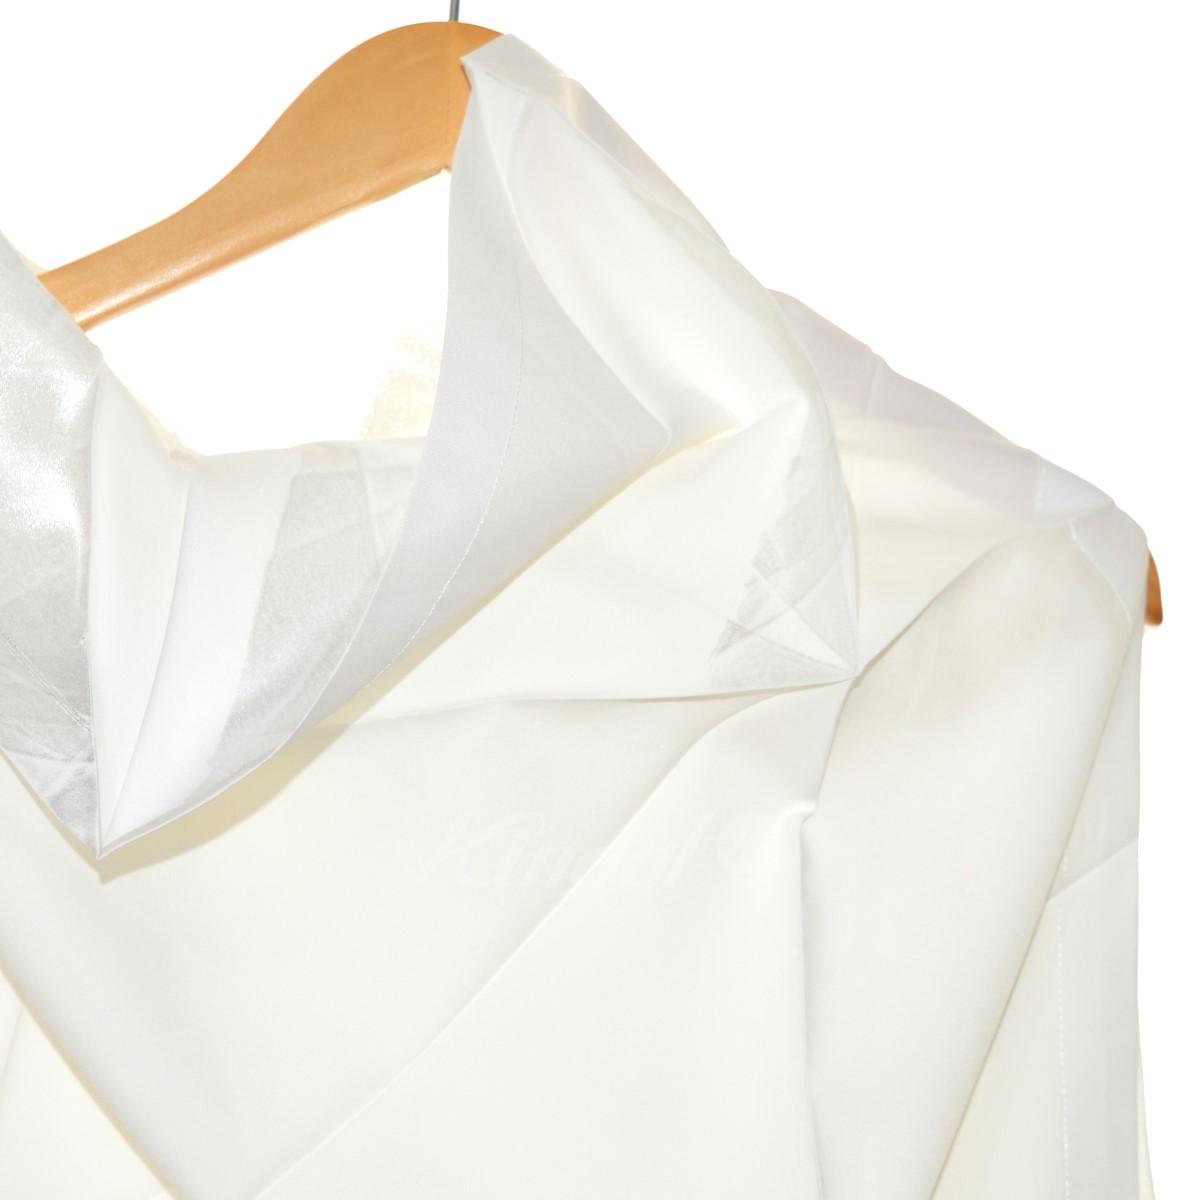 ISSEY MIYAKE 変形半袖シャツ ホワイト サイズ 3190520イッセイミヤケbgf7yY6